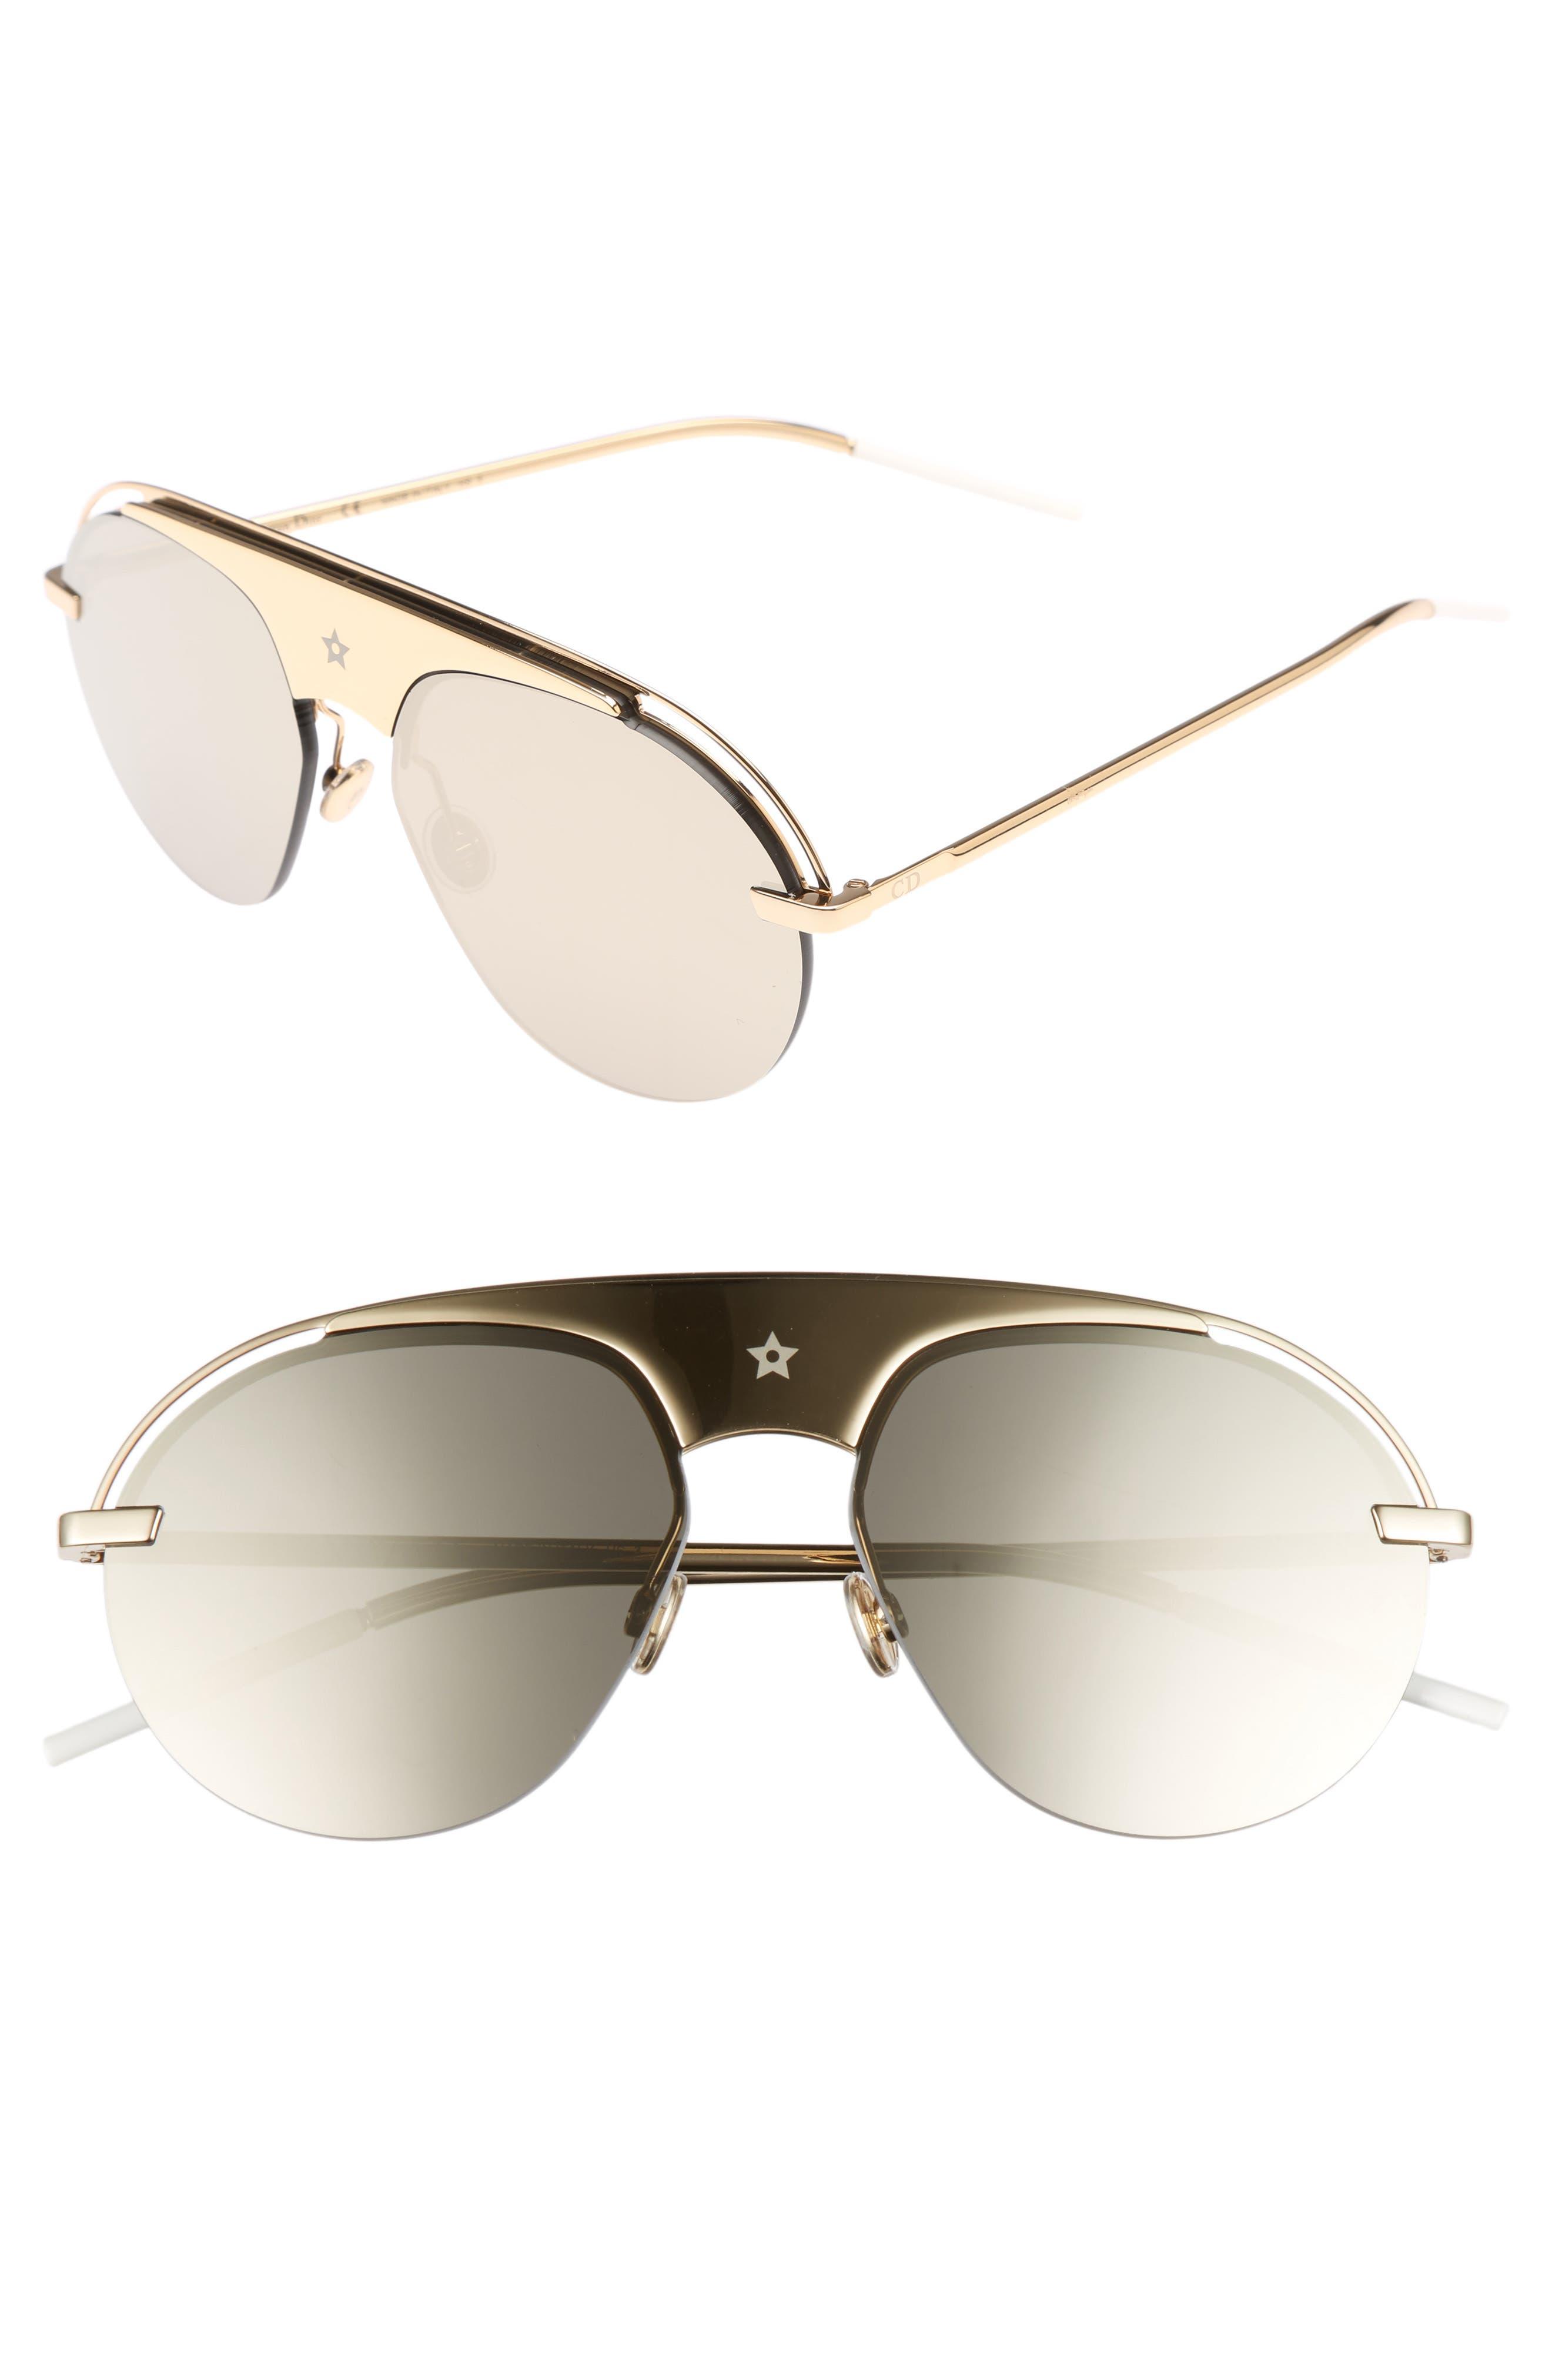 Dior Evolution 2 60mm Aviator Sunglasses